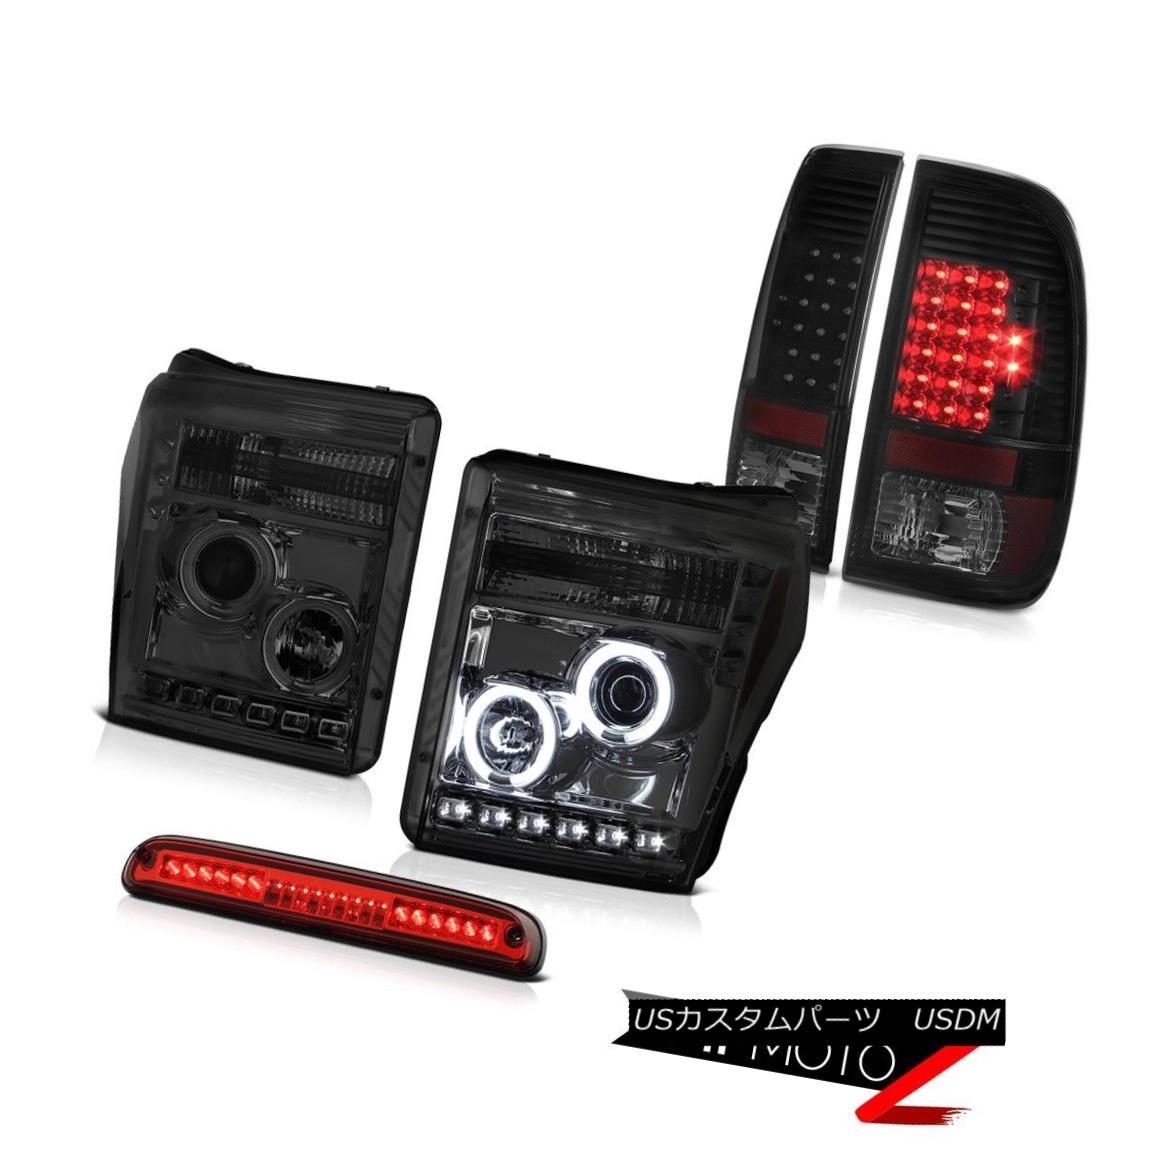 ヘッドライト 11-16 F250 Platinum Red Roof Cab Light Smoke Tinted Tail Lamps Headlamps Newest 11-16 F250プラチナレッドルーフキャブライトスモークティンテッドランプヘッドランプ最新